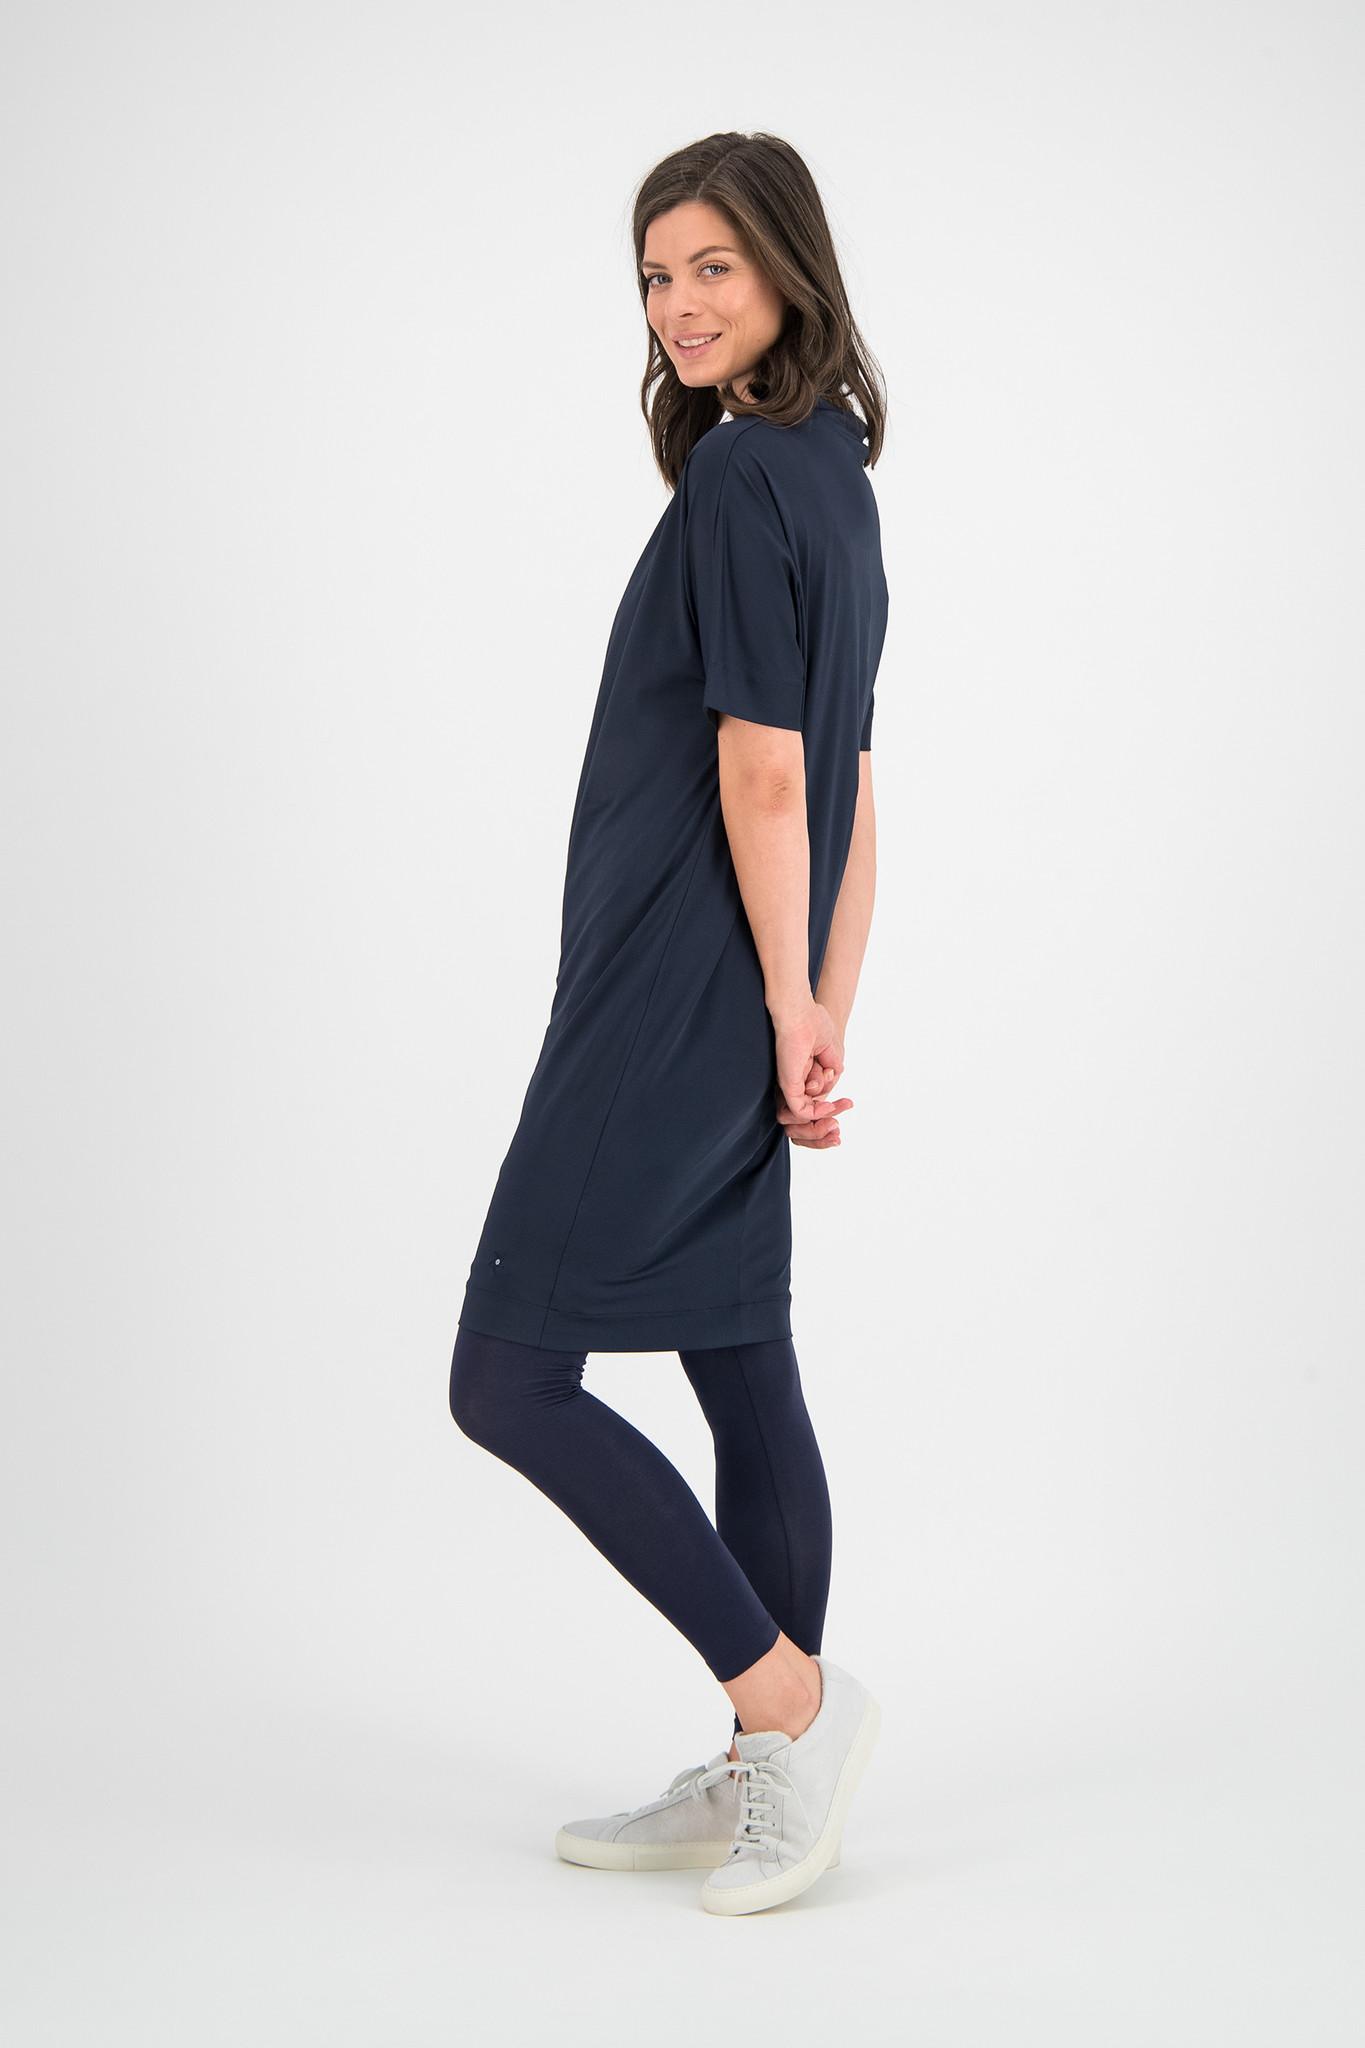 SYLVER Silky Jersey Dress Turtle-neck - Dark Blue